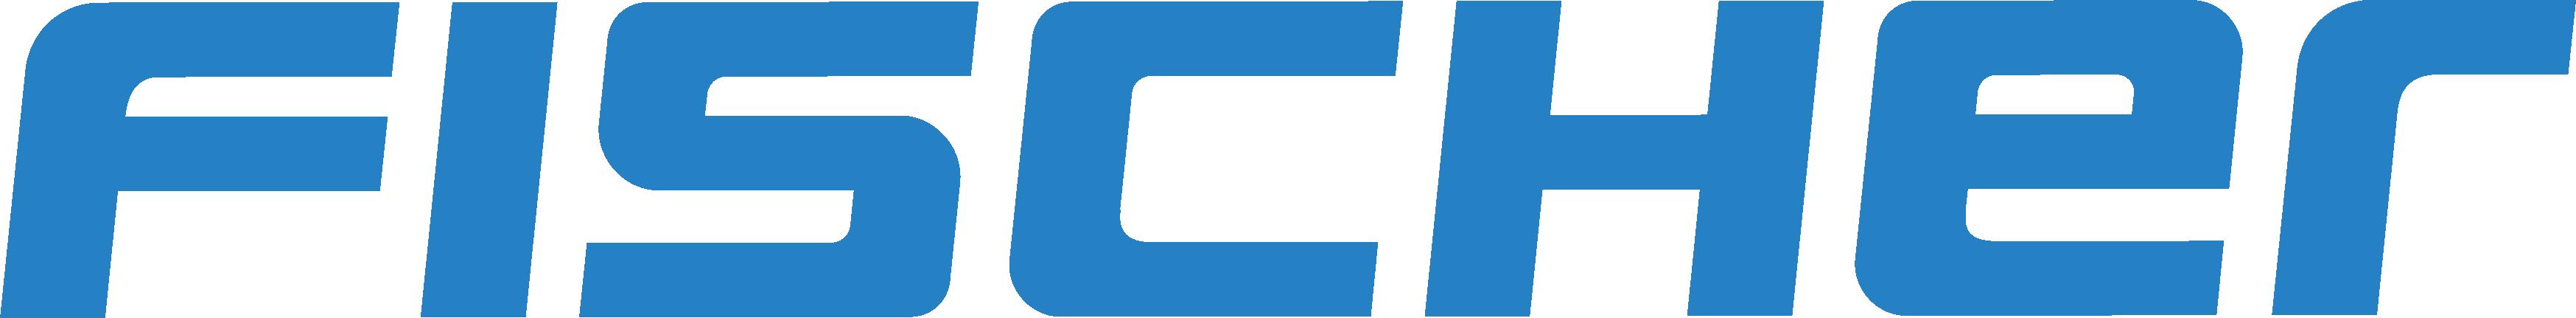 FISCHER Fahrradshop Logo